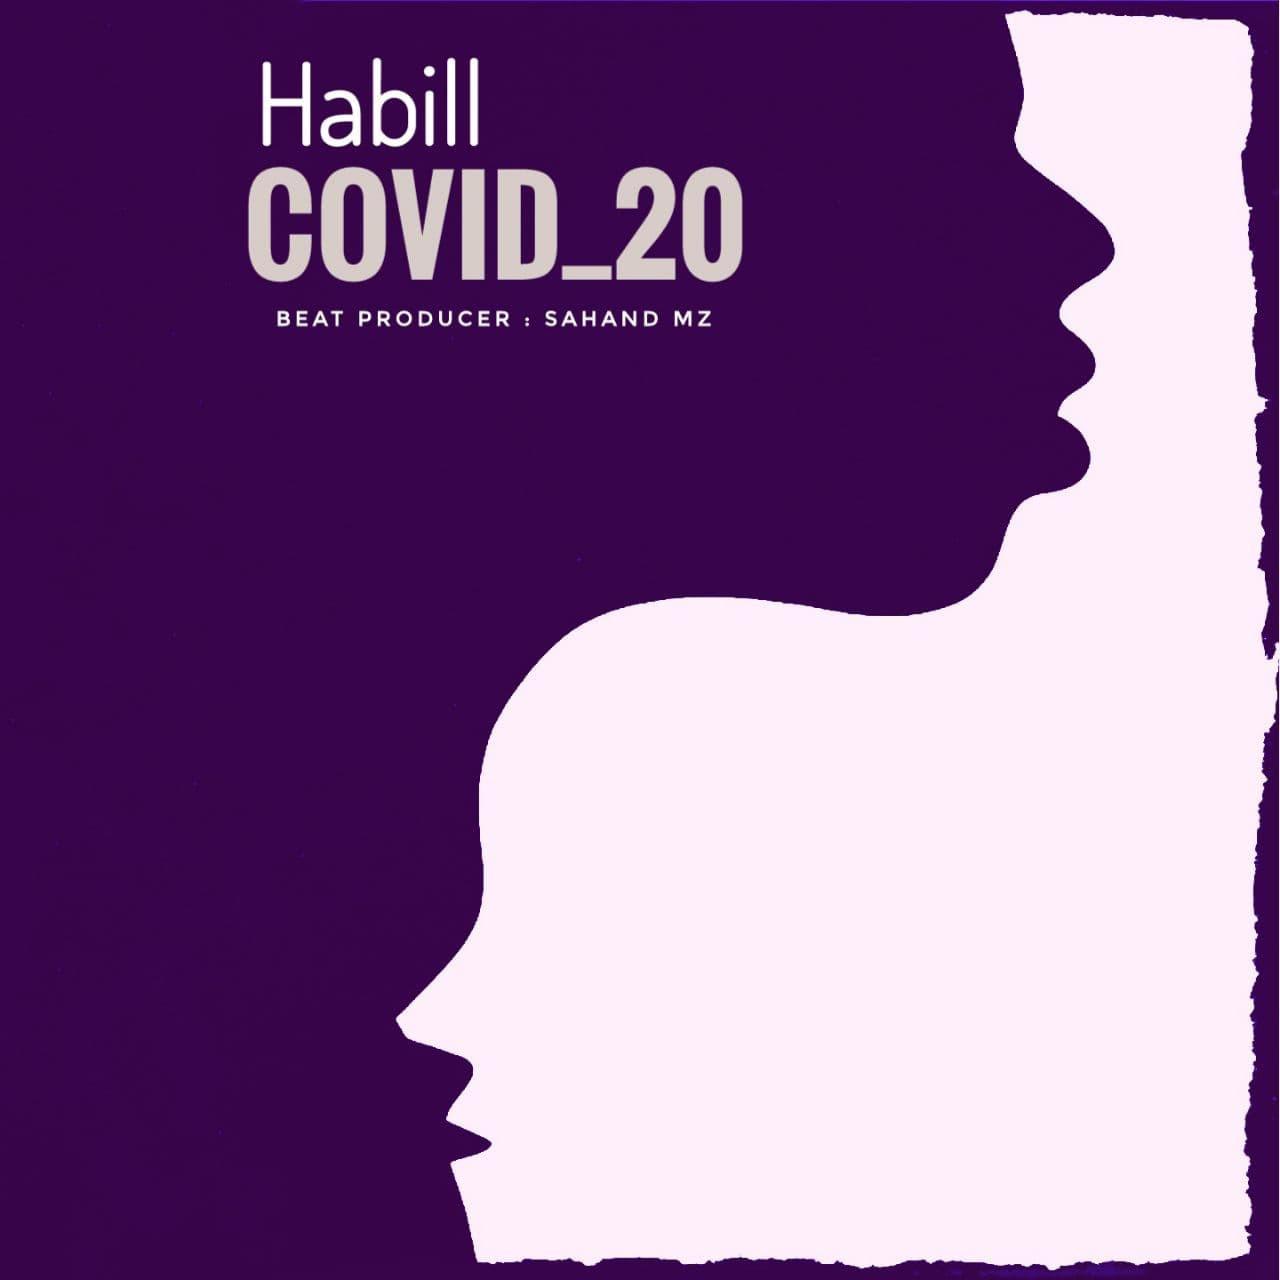 Habill - Covid 20